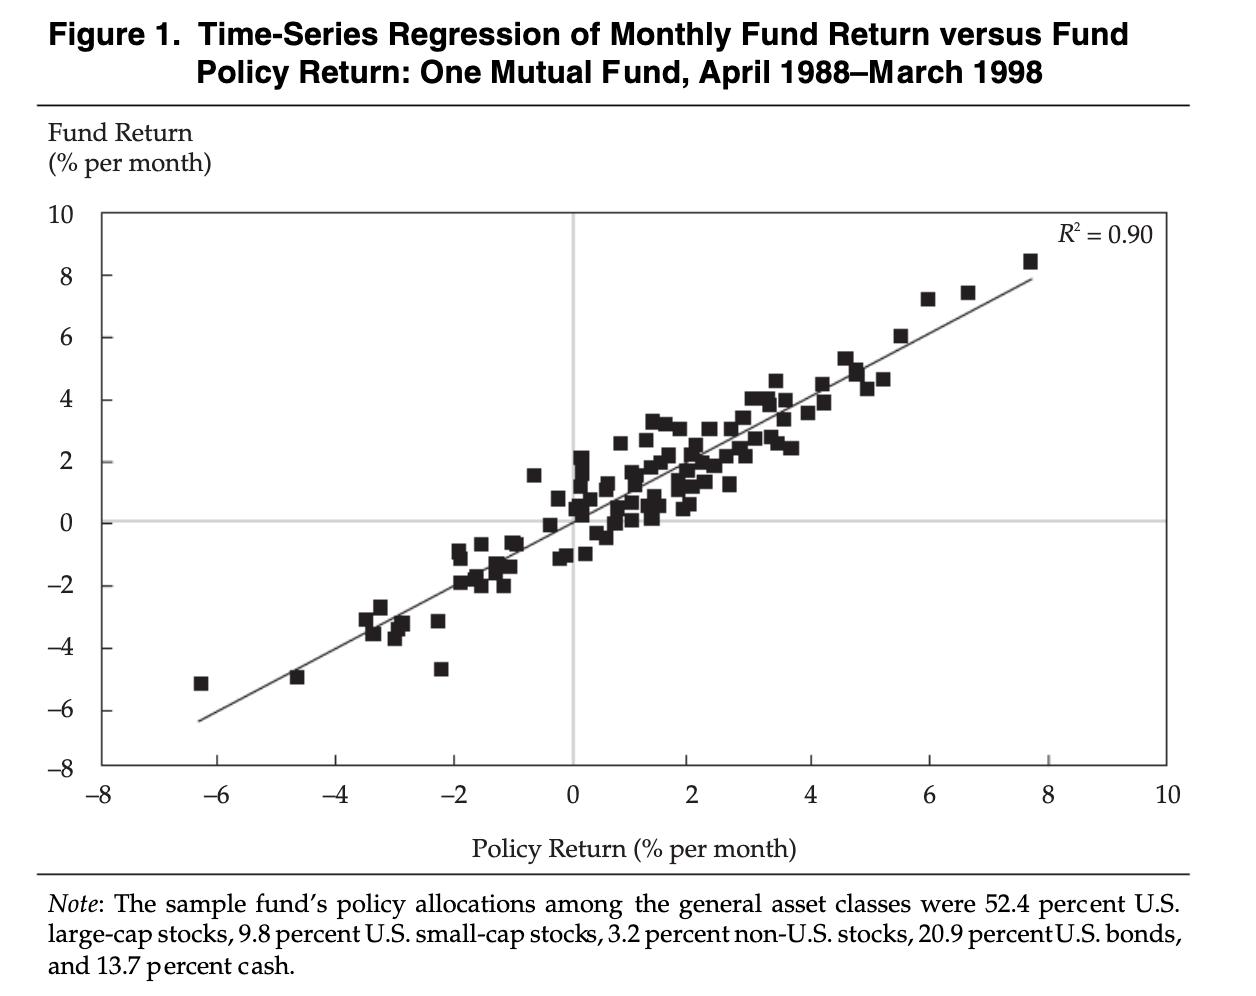 投資信託とベンチマークの10年間毎月のリターンデータで回帰分析